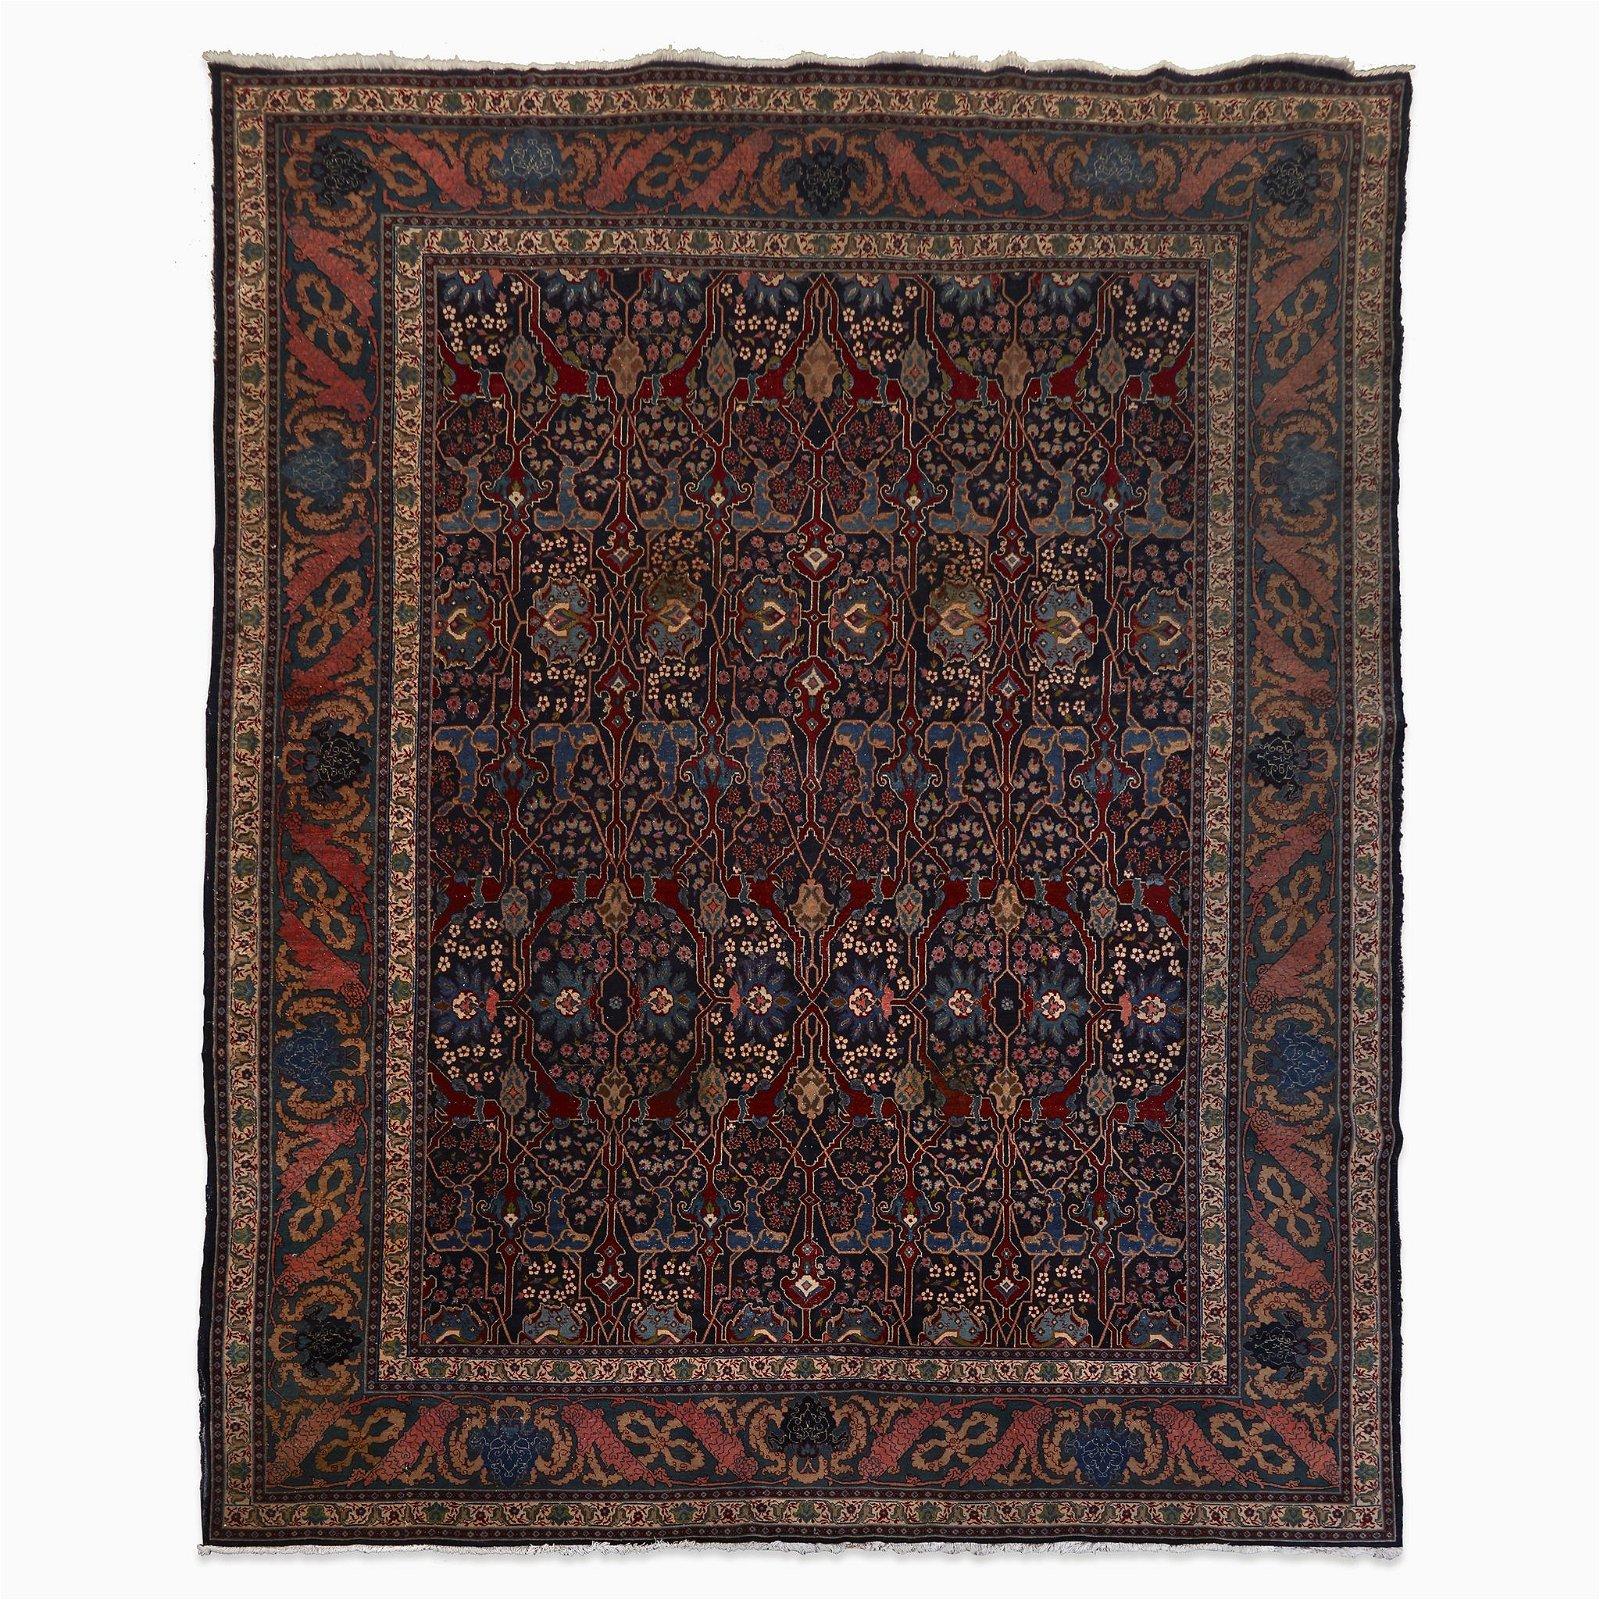 Indian Carpet, 20th Century